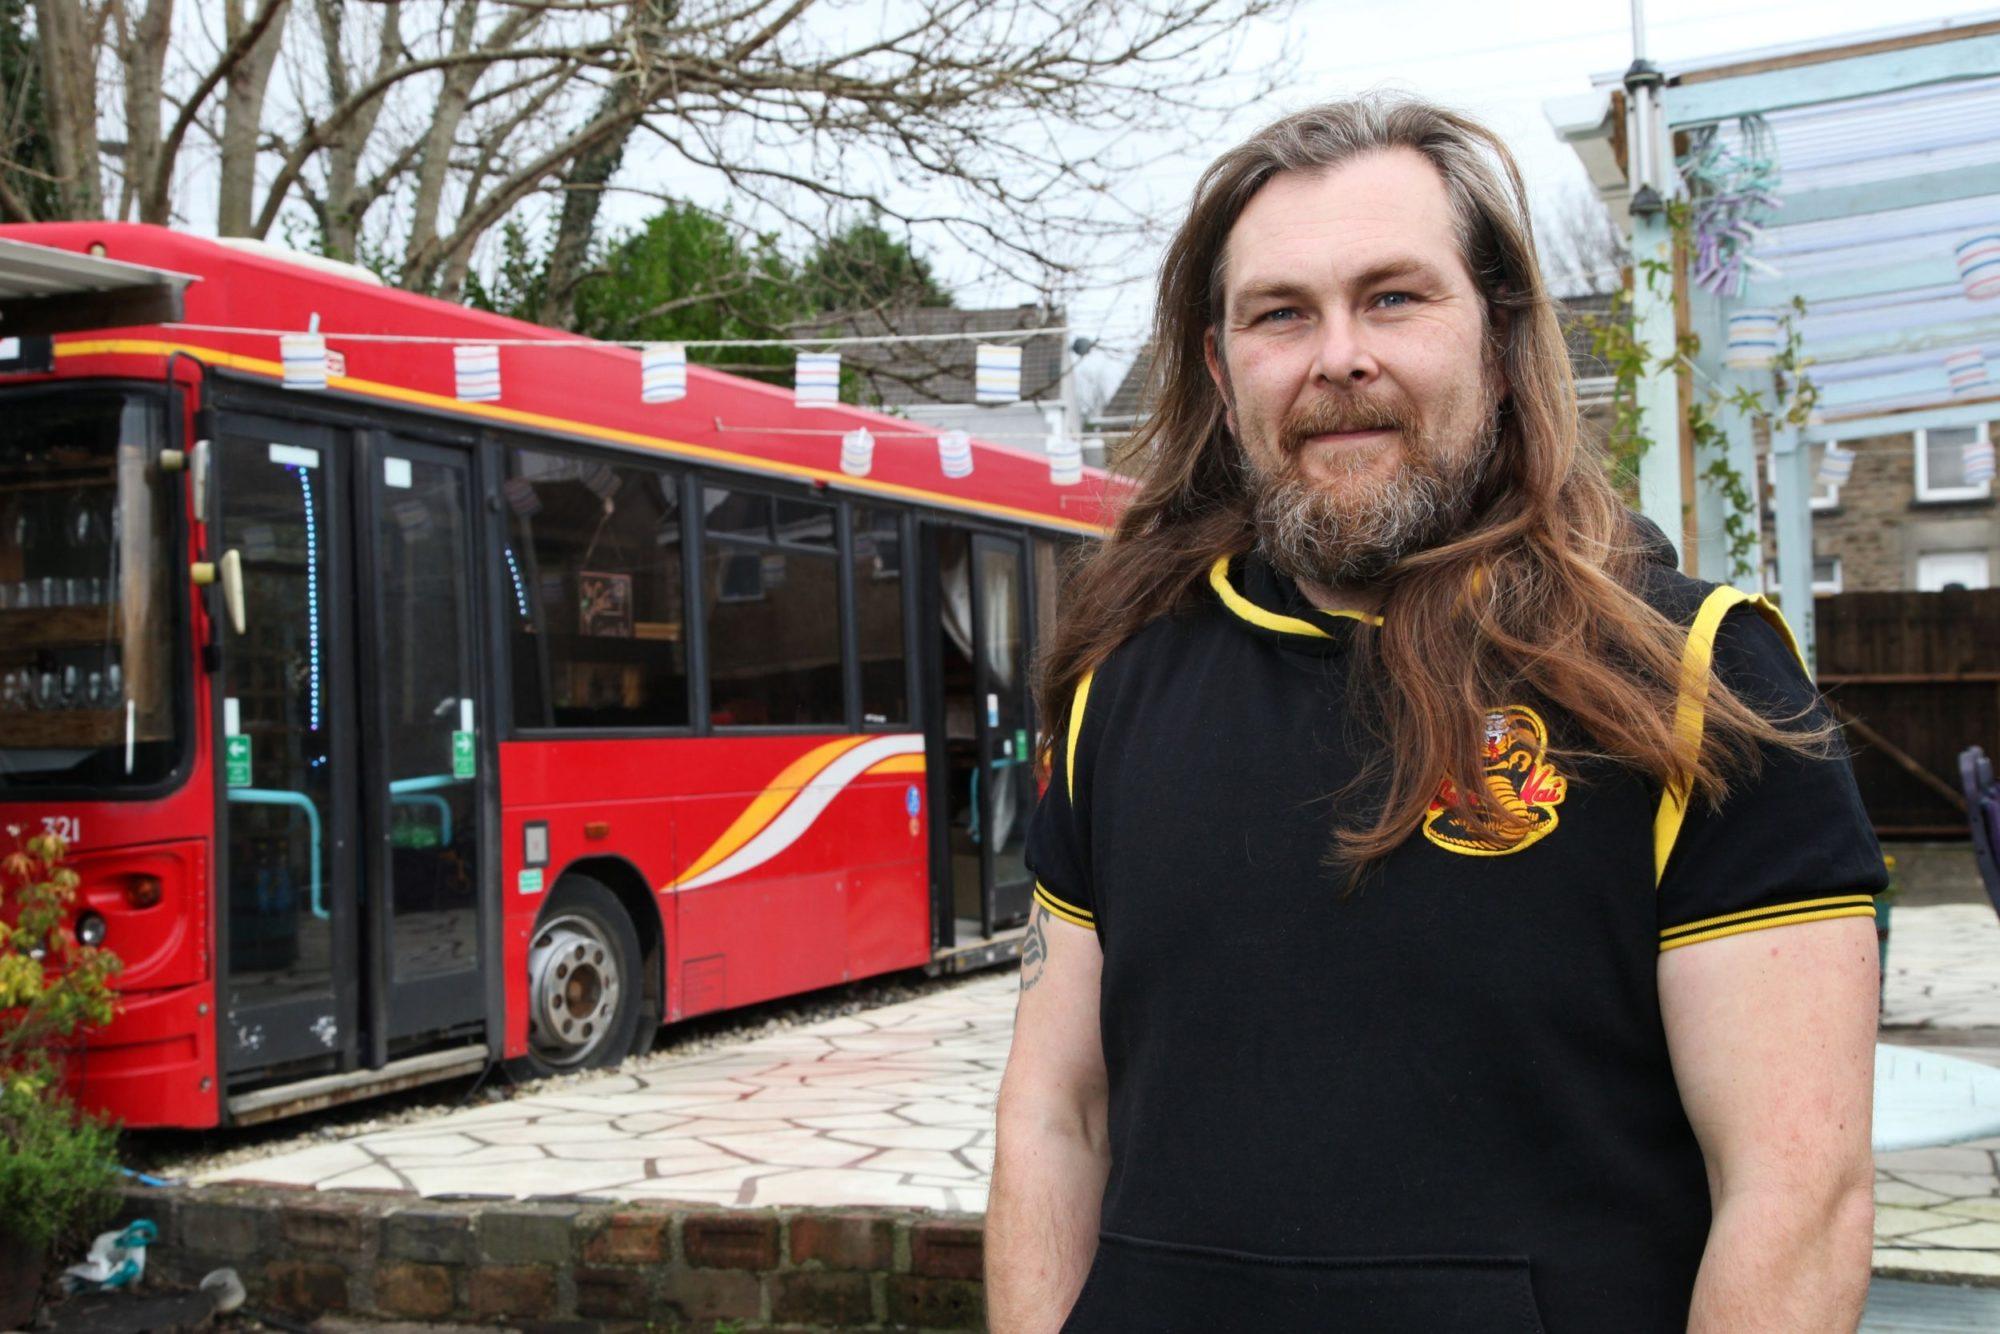 不用買新的!天才爸購入舊公車 只花7萬就改造成「超型格酒吧」